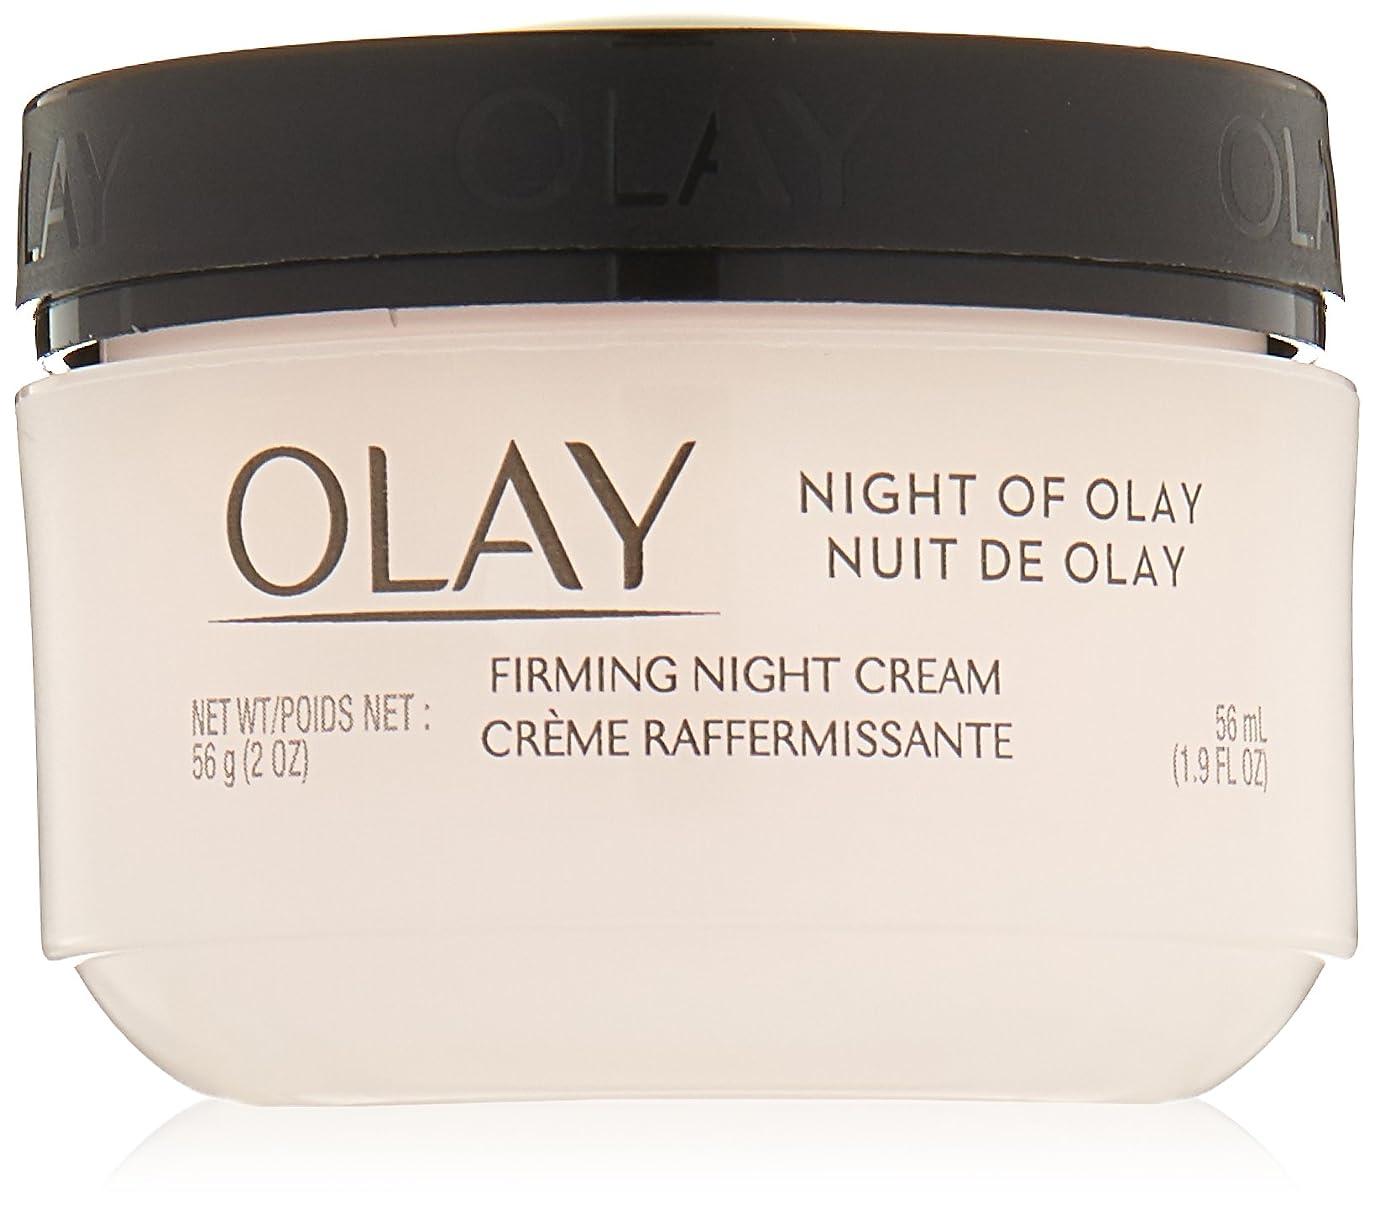 インターネット電気対処OIL OF OLAY NIGHT CREAM 2 OZ by Olay